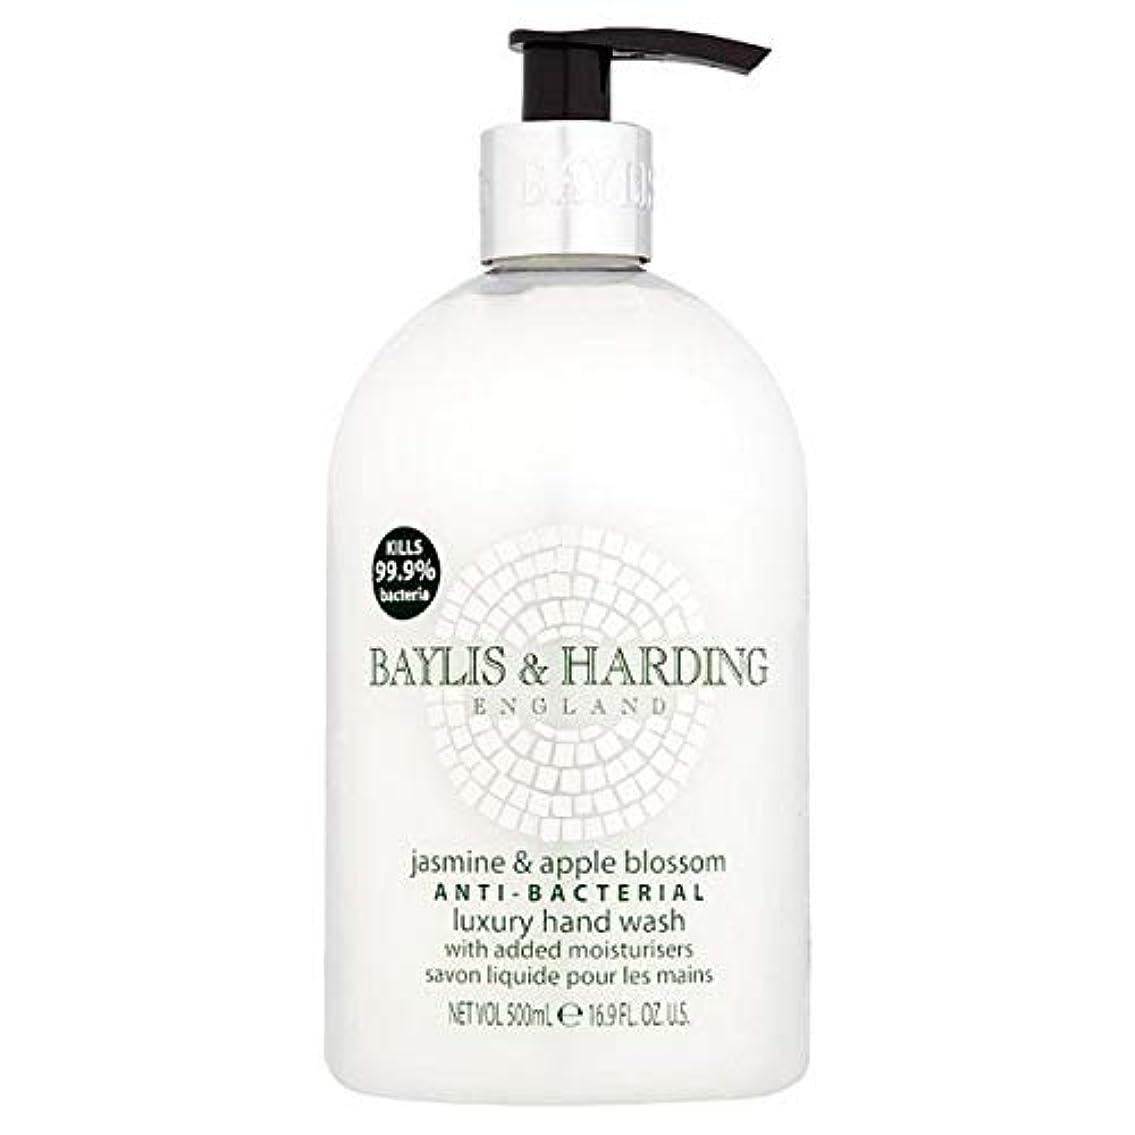 ジャケットナイトスポット精巧な[Baylis & Harding ] ベイリス&ハーディング署名抗菌手洗い用500ミリリットル - Baylis & Harding Signature Antibacterial Hand Wash 500ml [並行輸入品]